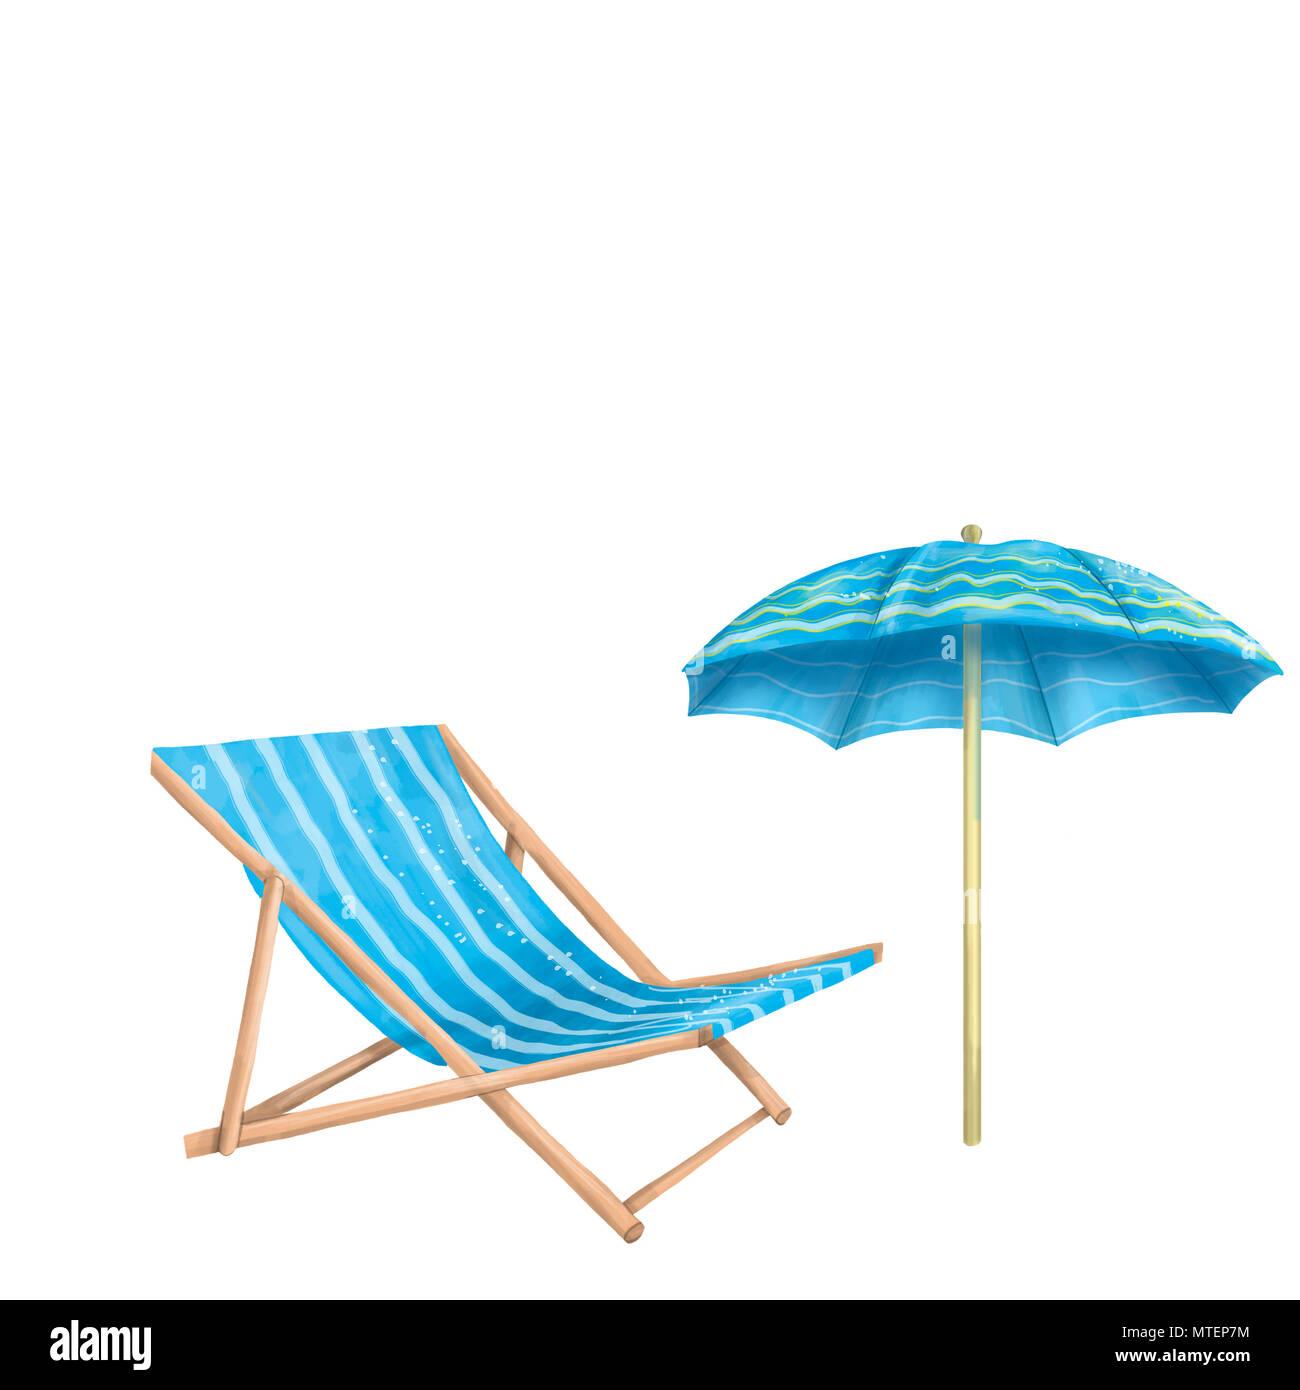 Liegestuhl mit sonnenschirm clipart  Chaise longue, Sonnenschirm, digitale Clipart auf weißem Hintergrund ...